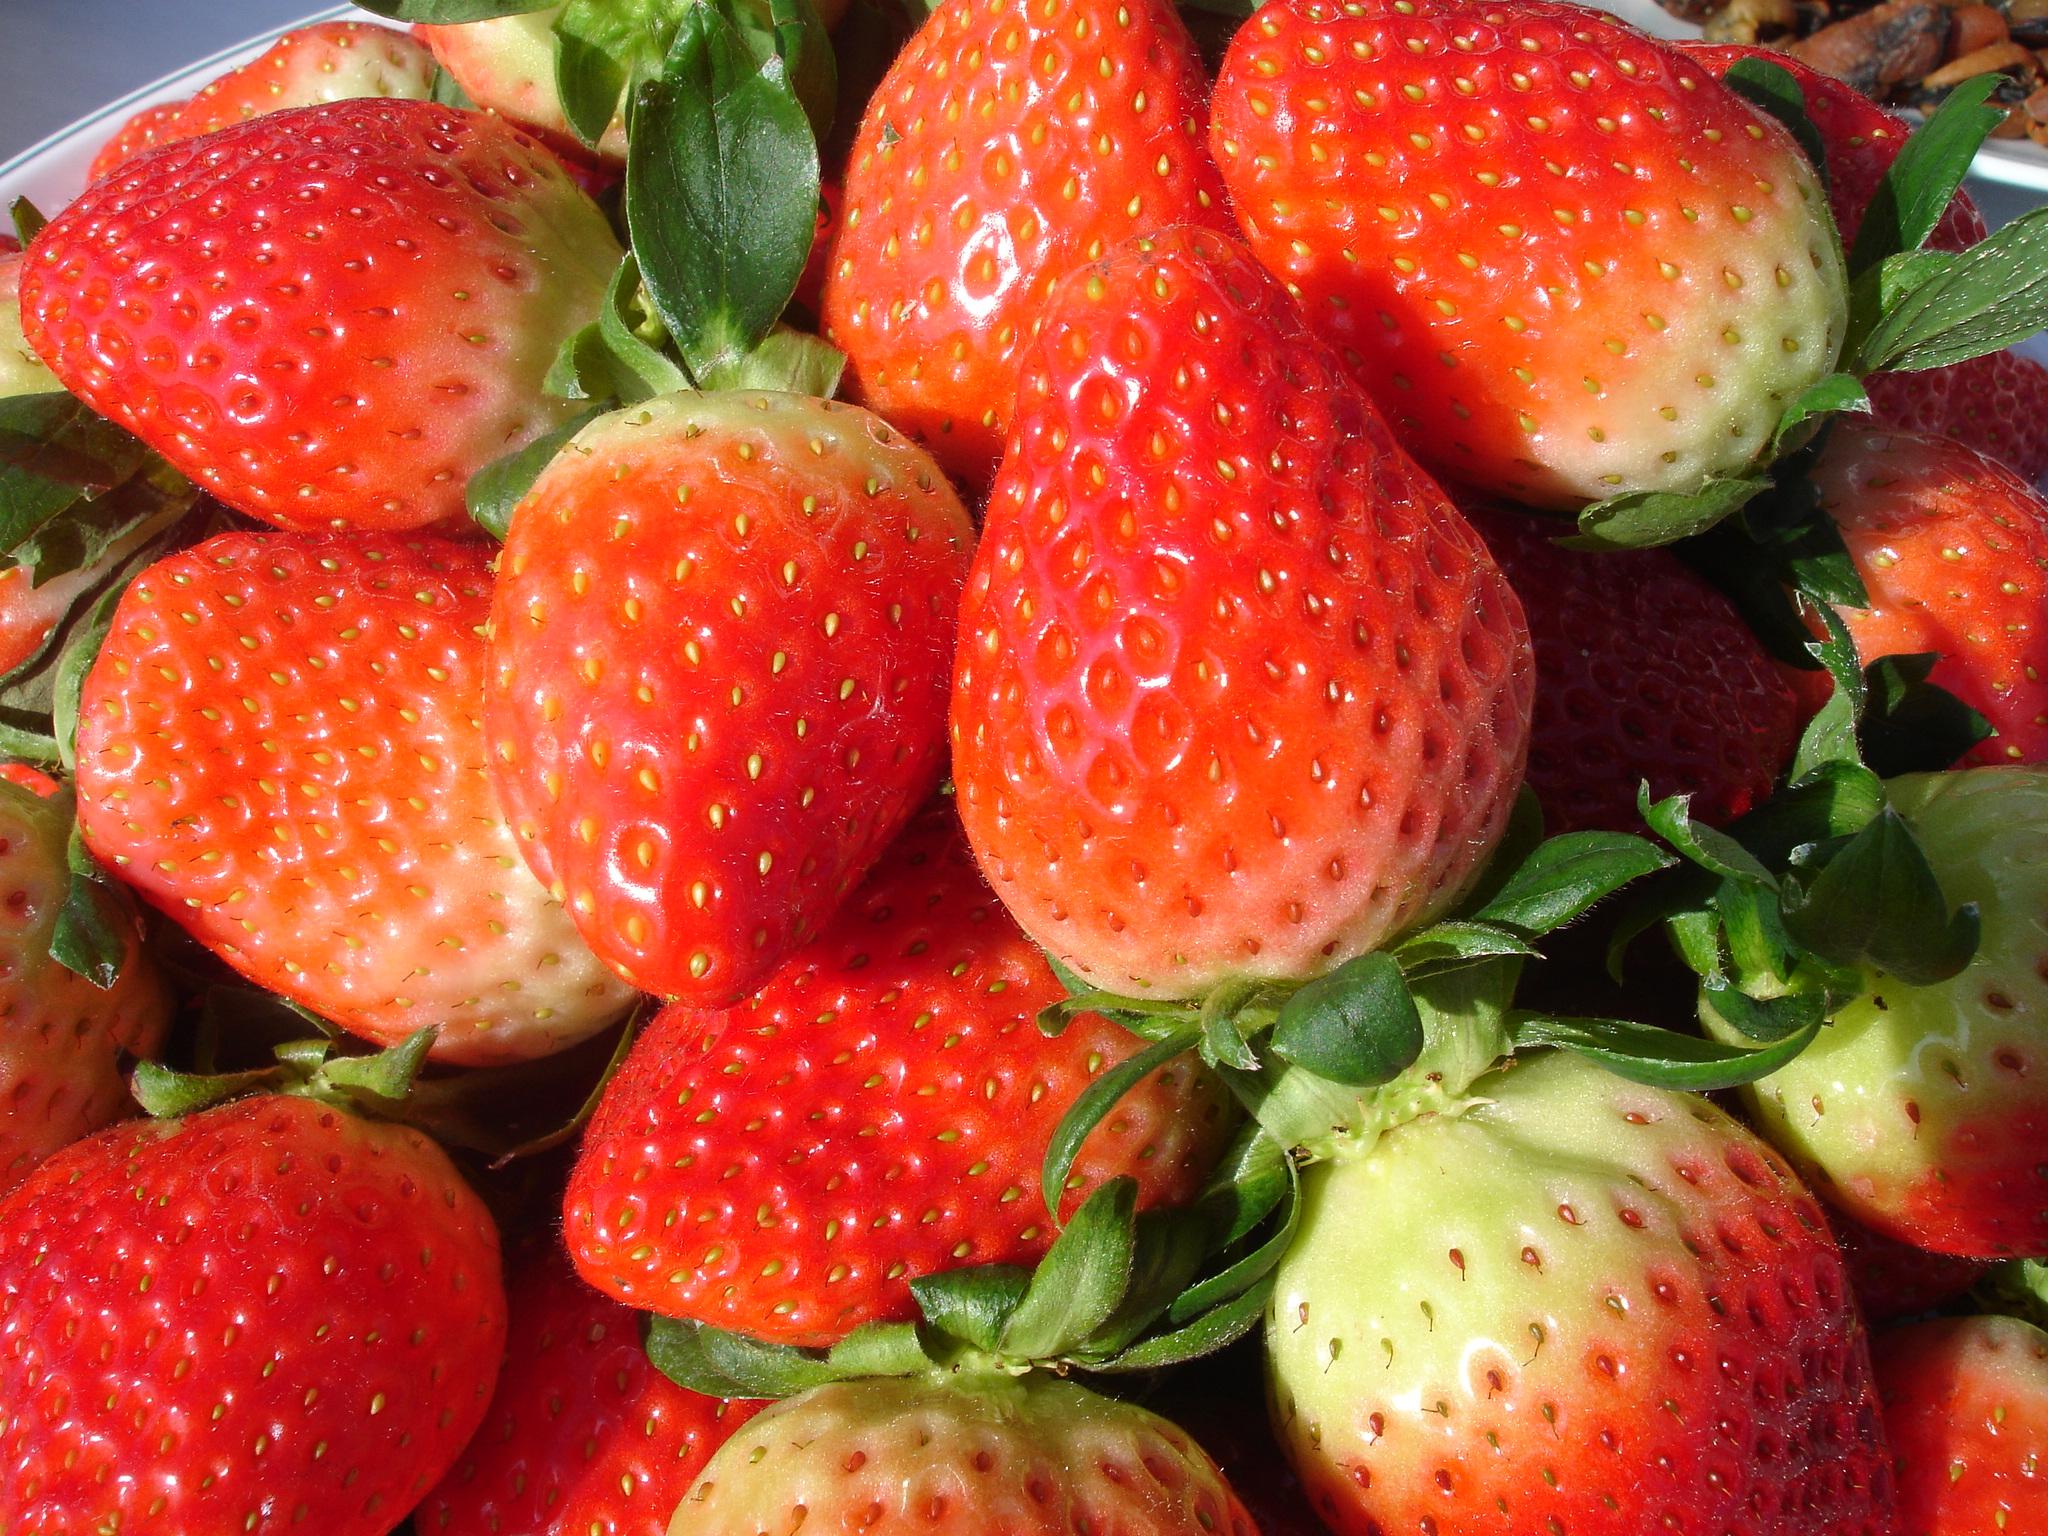 딸기,전라북도 남원시,지역특산물